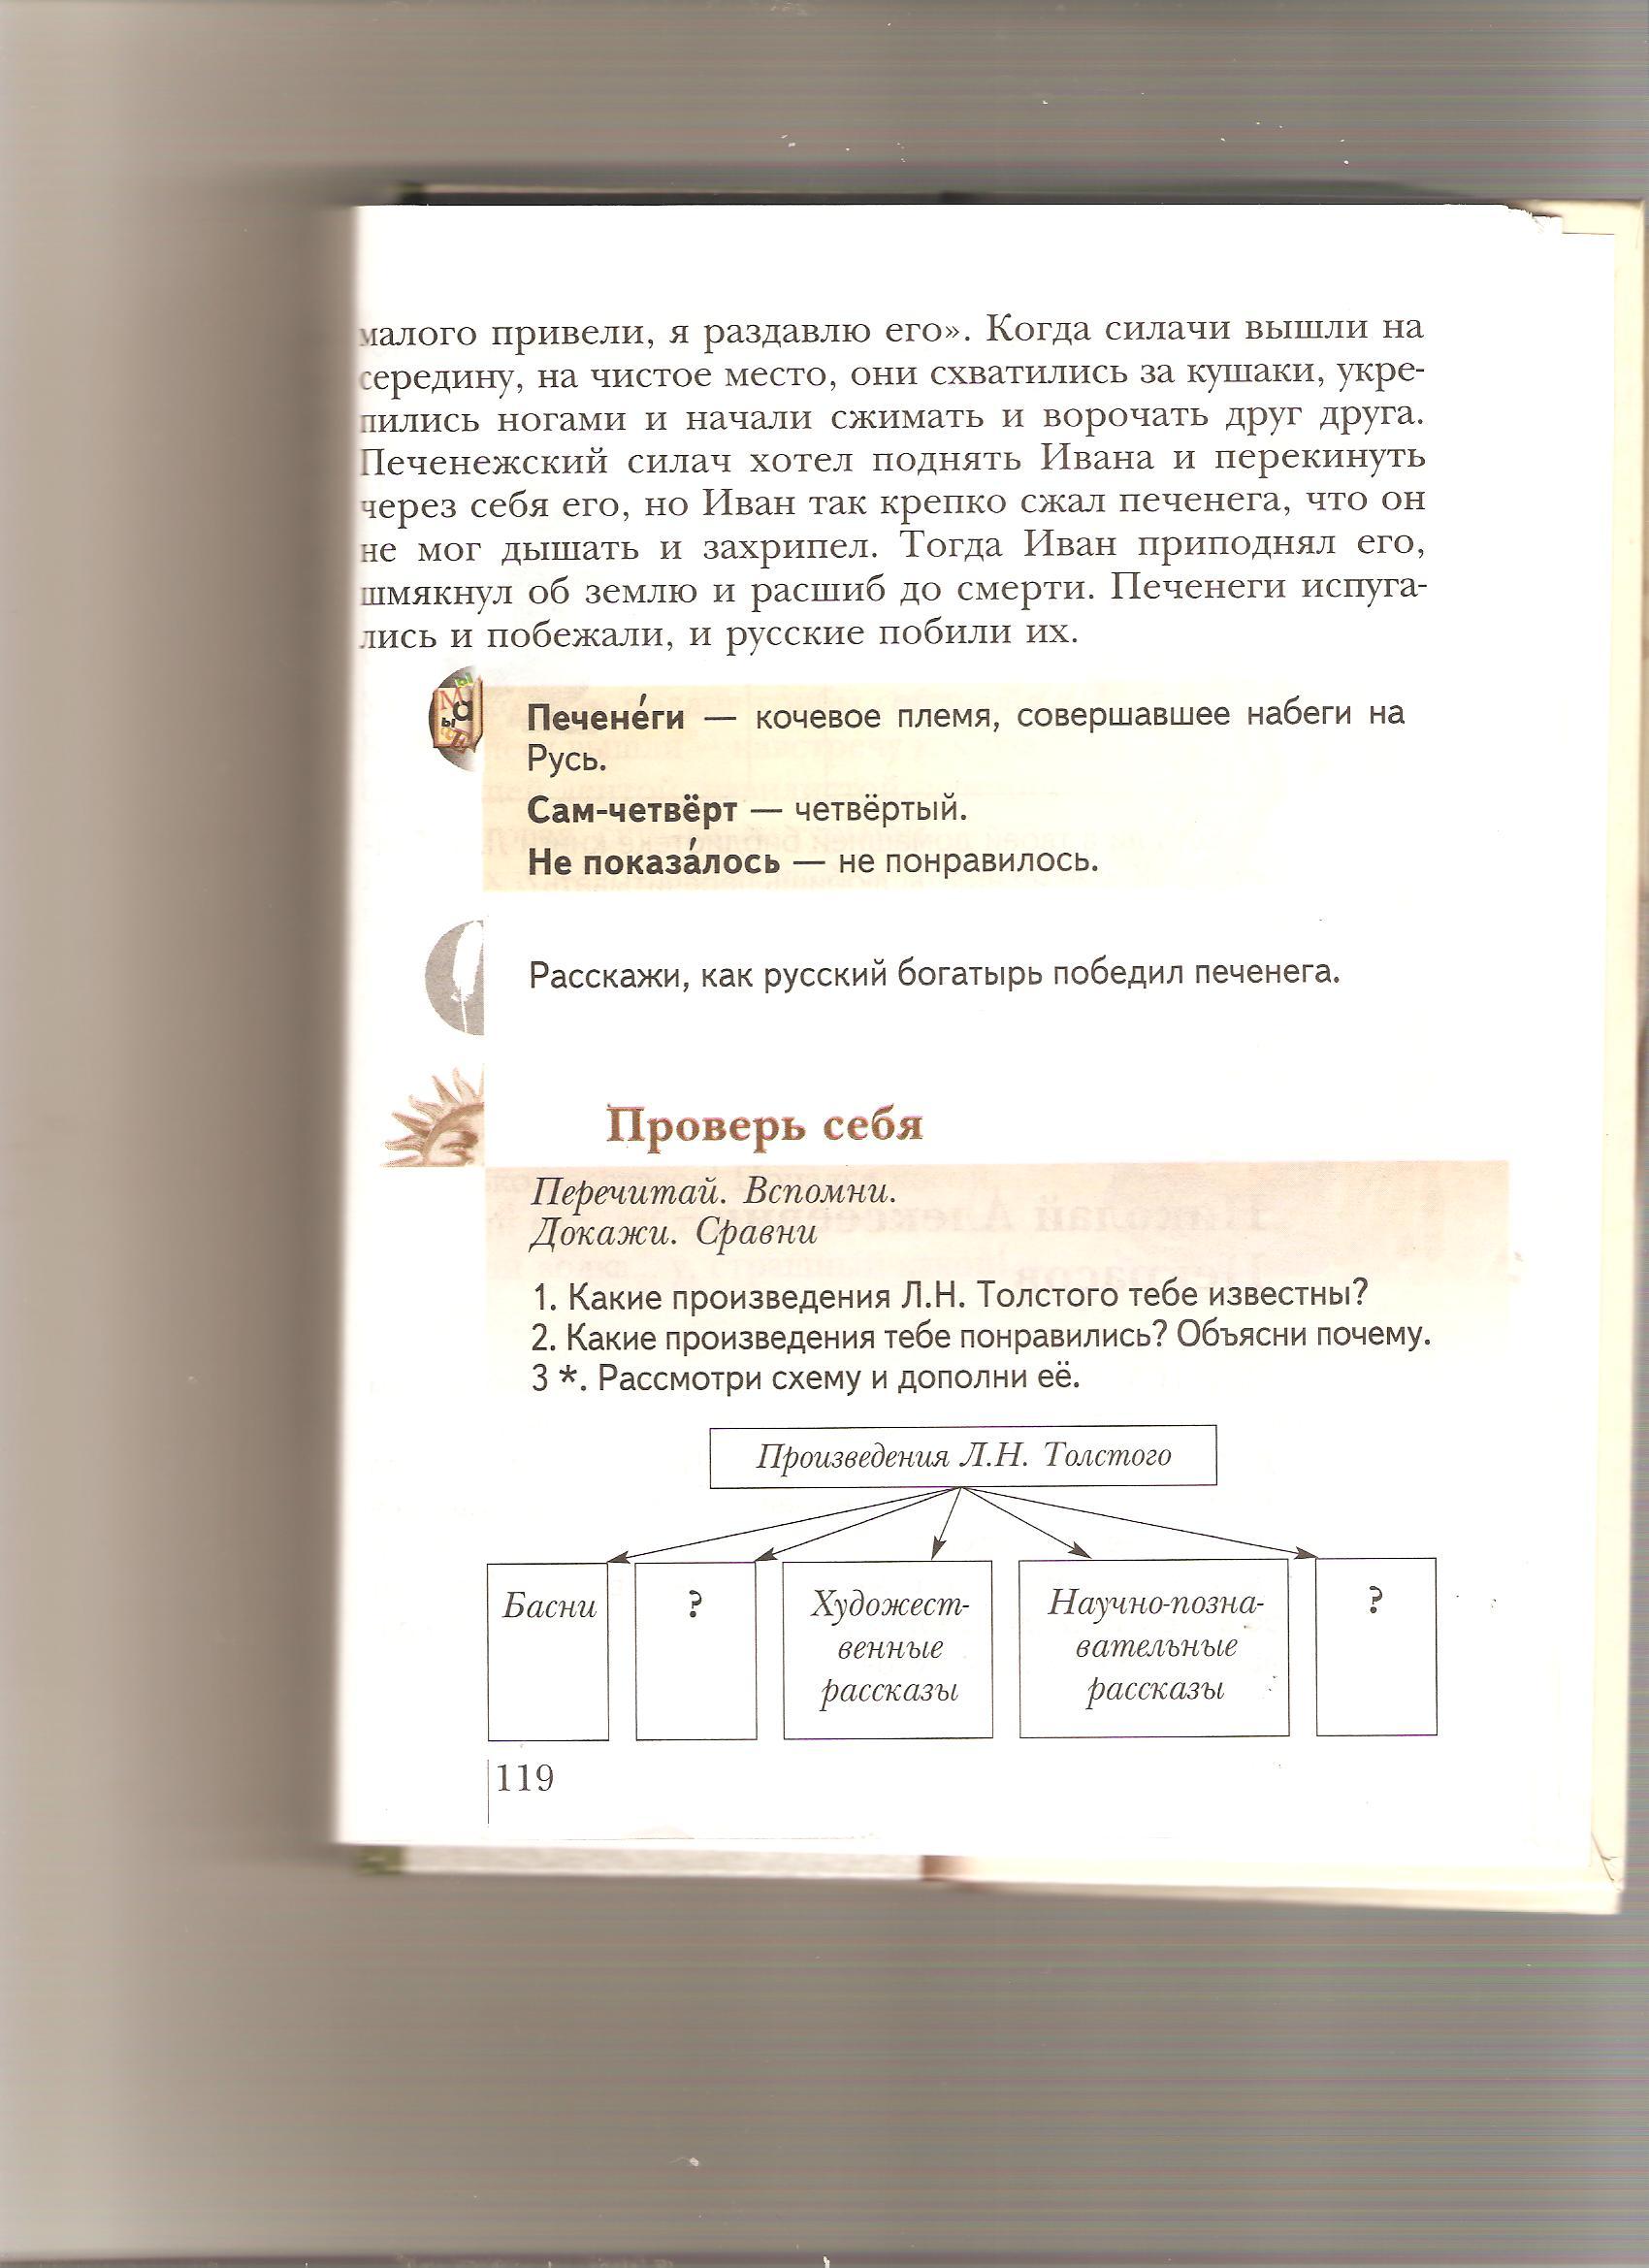 C:\Users\пользователь\Desktop\001.jpg